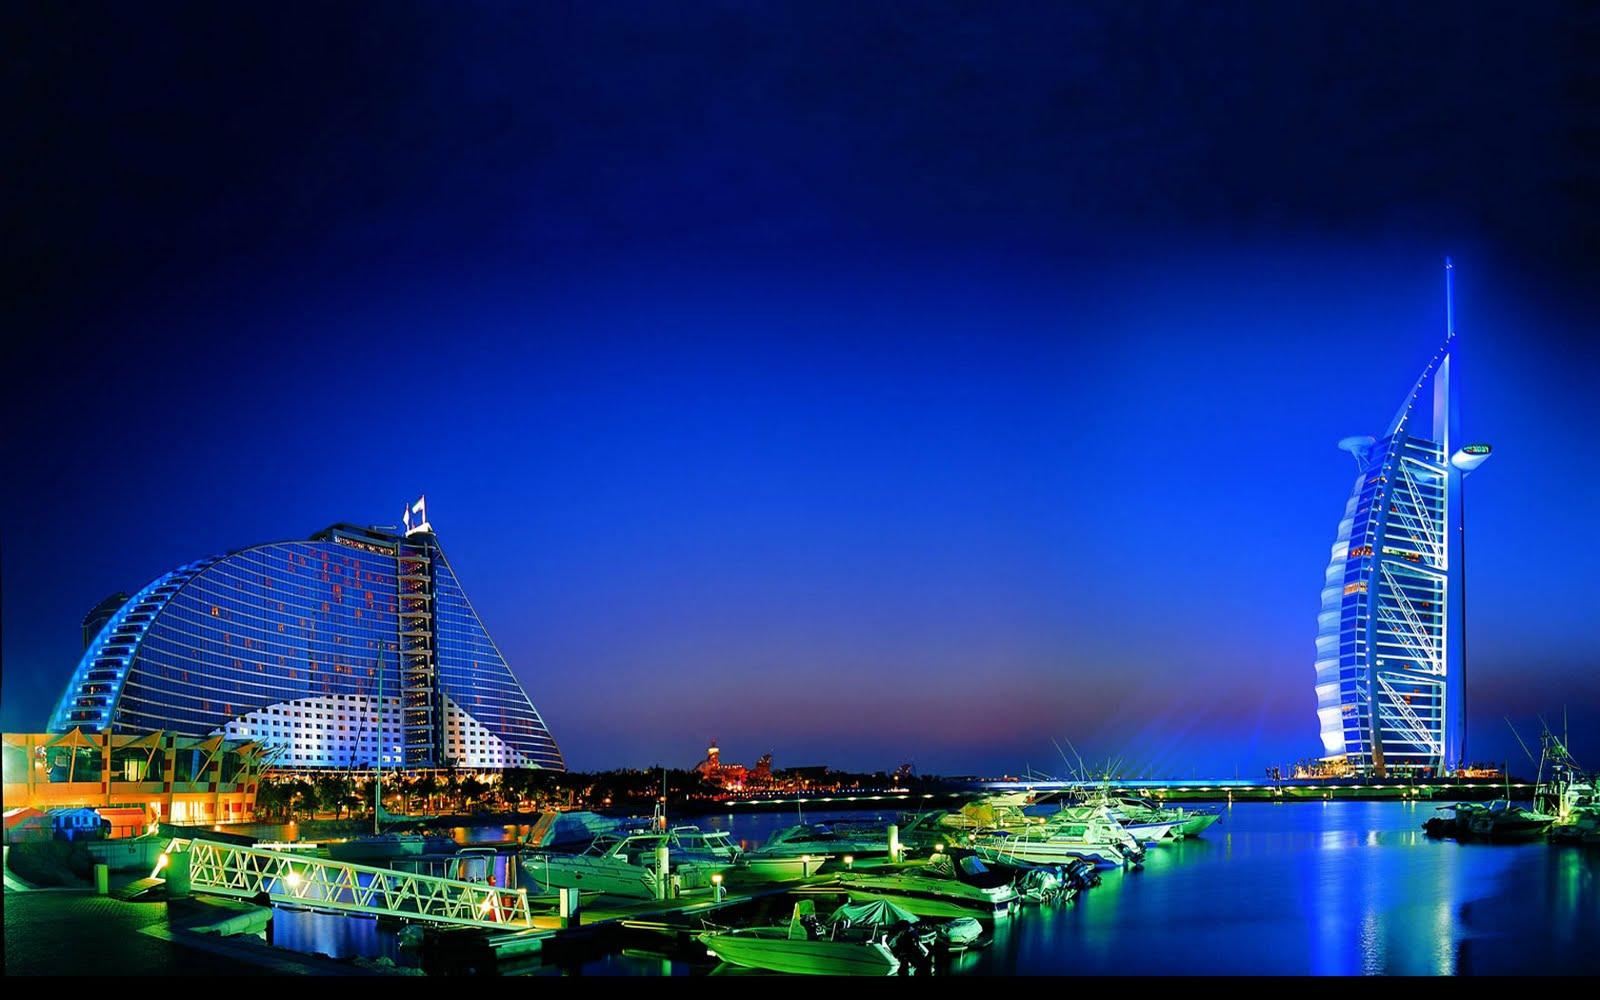 http://1.bp.blogspot.com/-P1stC8OXnKk/TjPgzBGbkYI/AAAAAAAAAng/lKwN-XKzHaA/s1600/Dubai-Jumeirah-Beach-Wallpaper.jpg